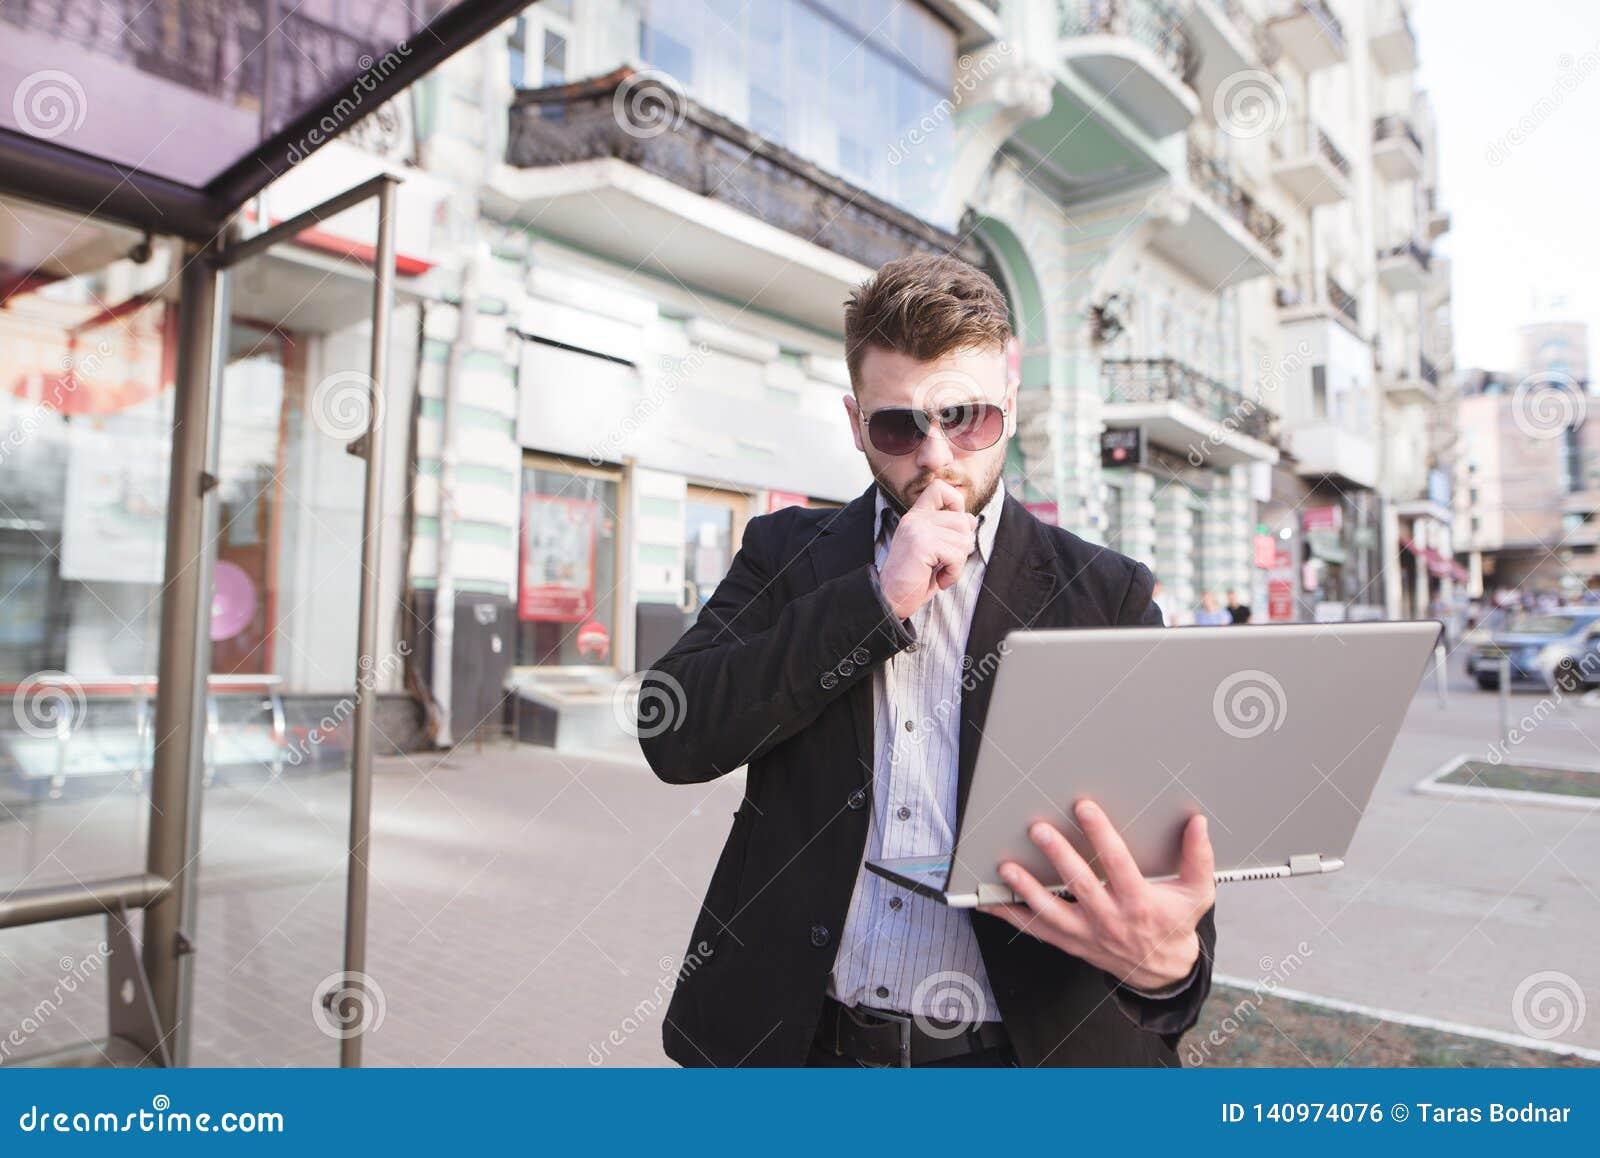 El hombre de negocios se está colocando afuera y está mirando un ordenador portátil Trabajo sobre el ordenador en el aire abierto